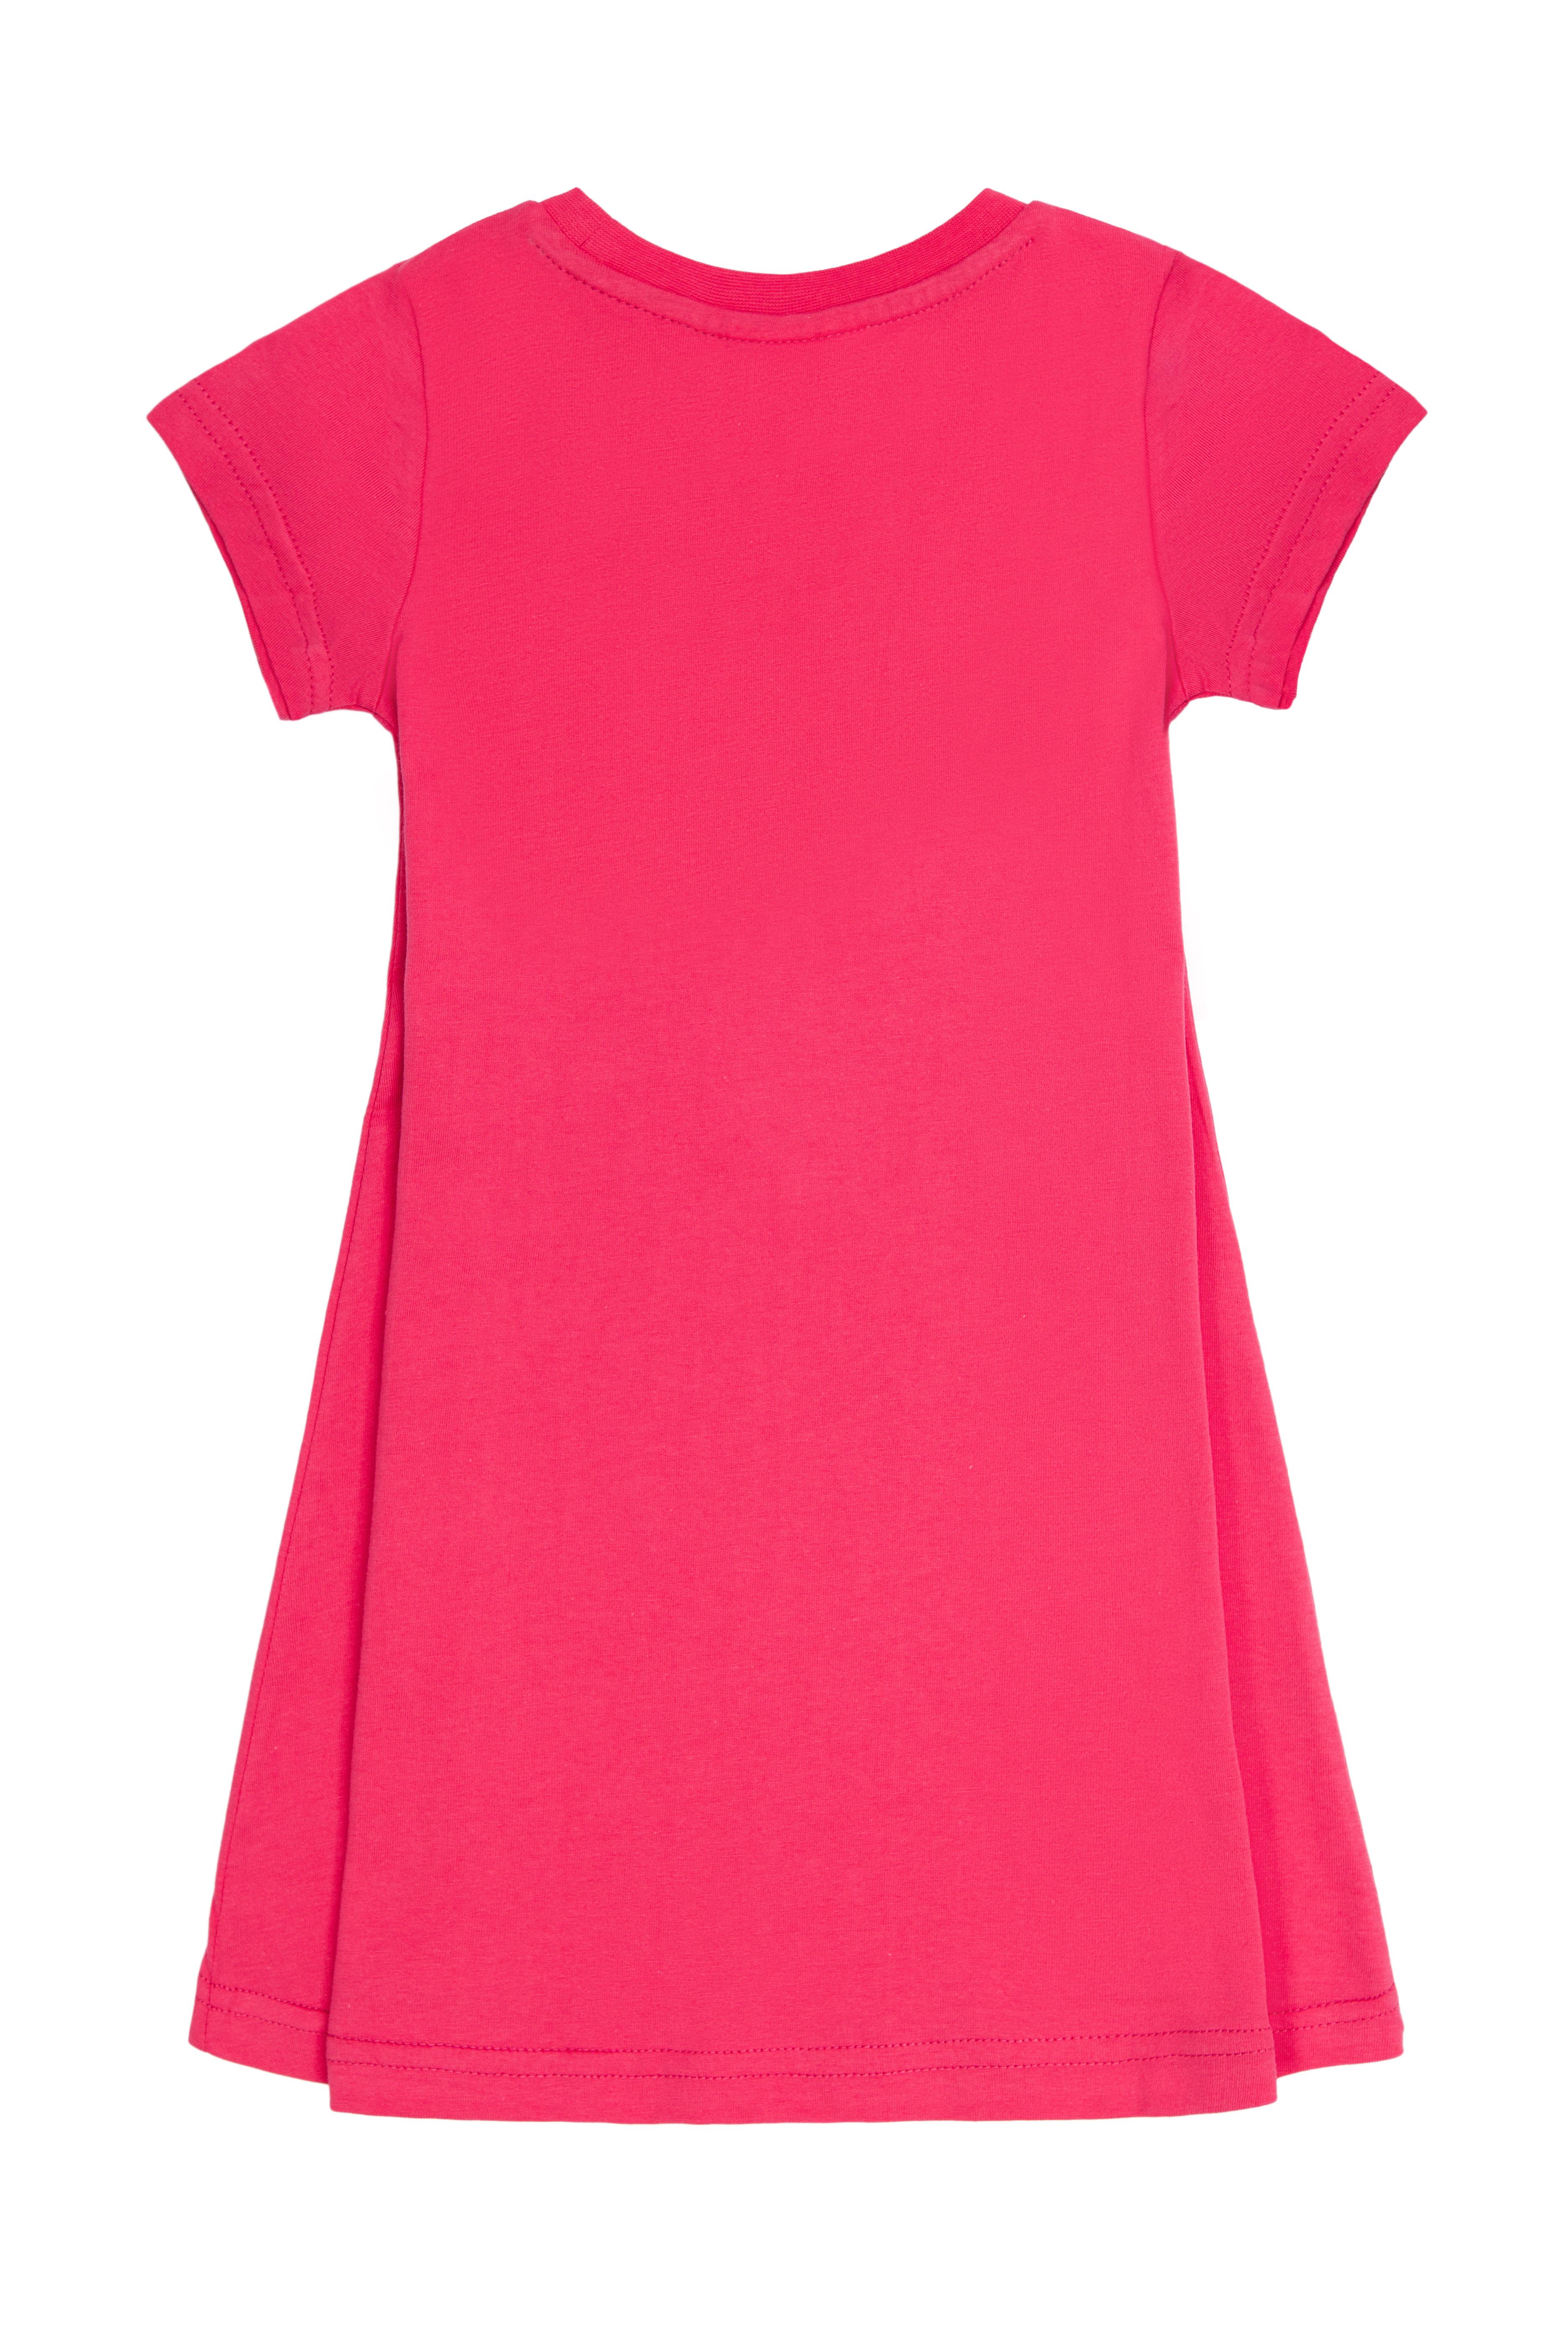 Dívčí šaty Basic - růžová Růžová